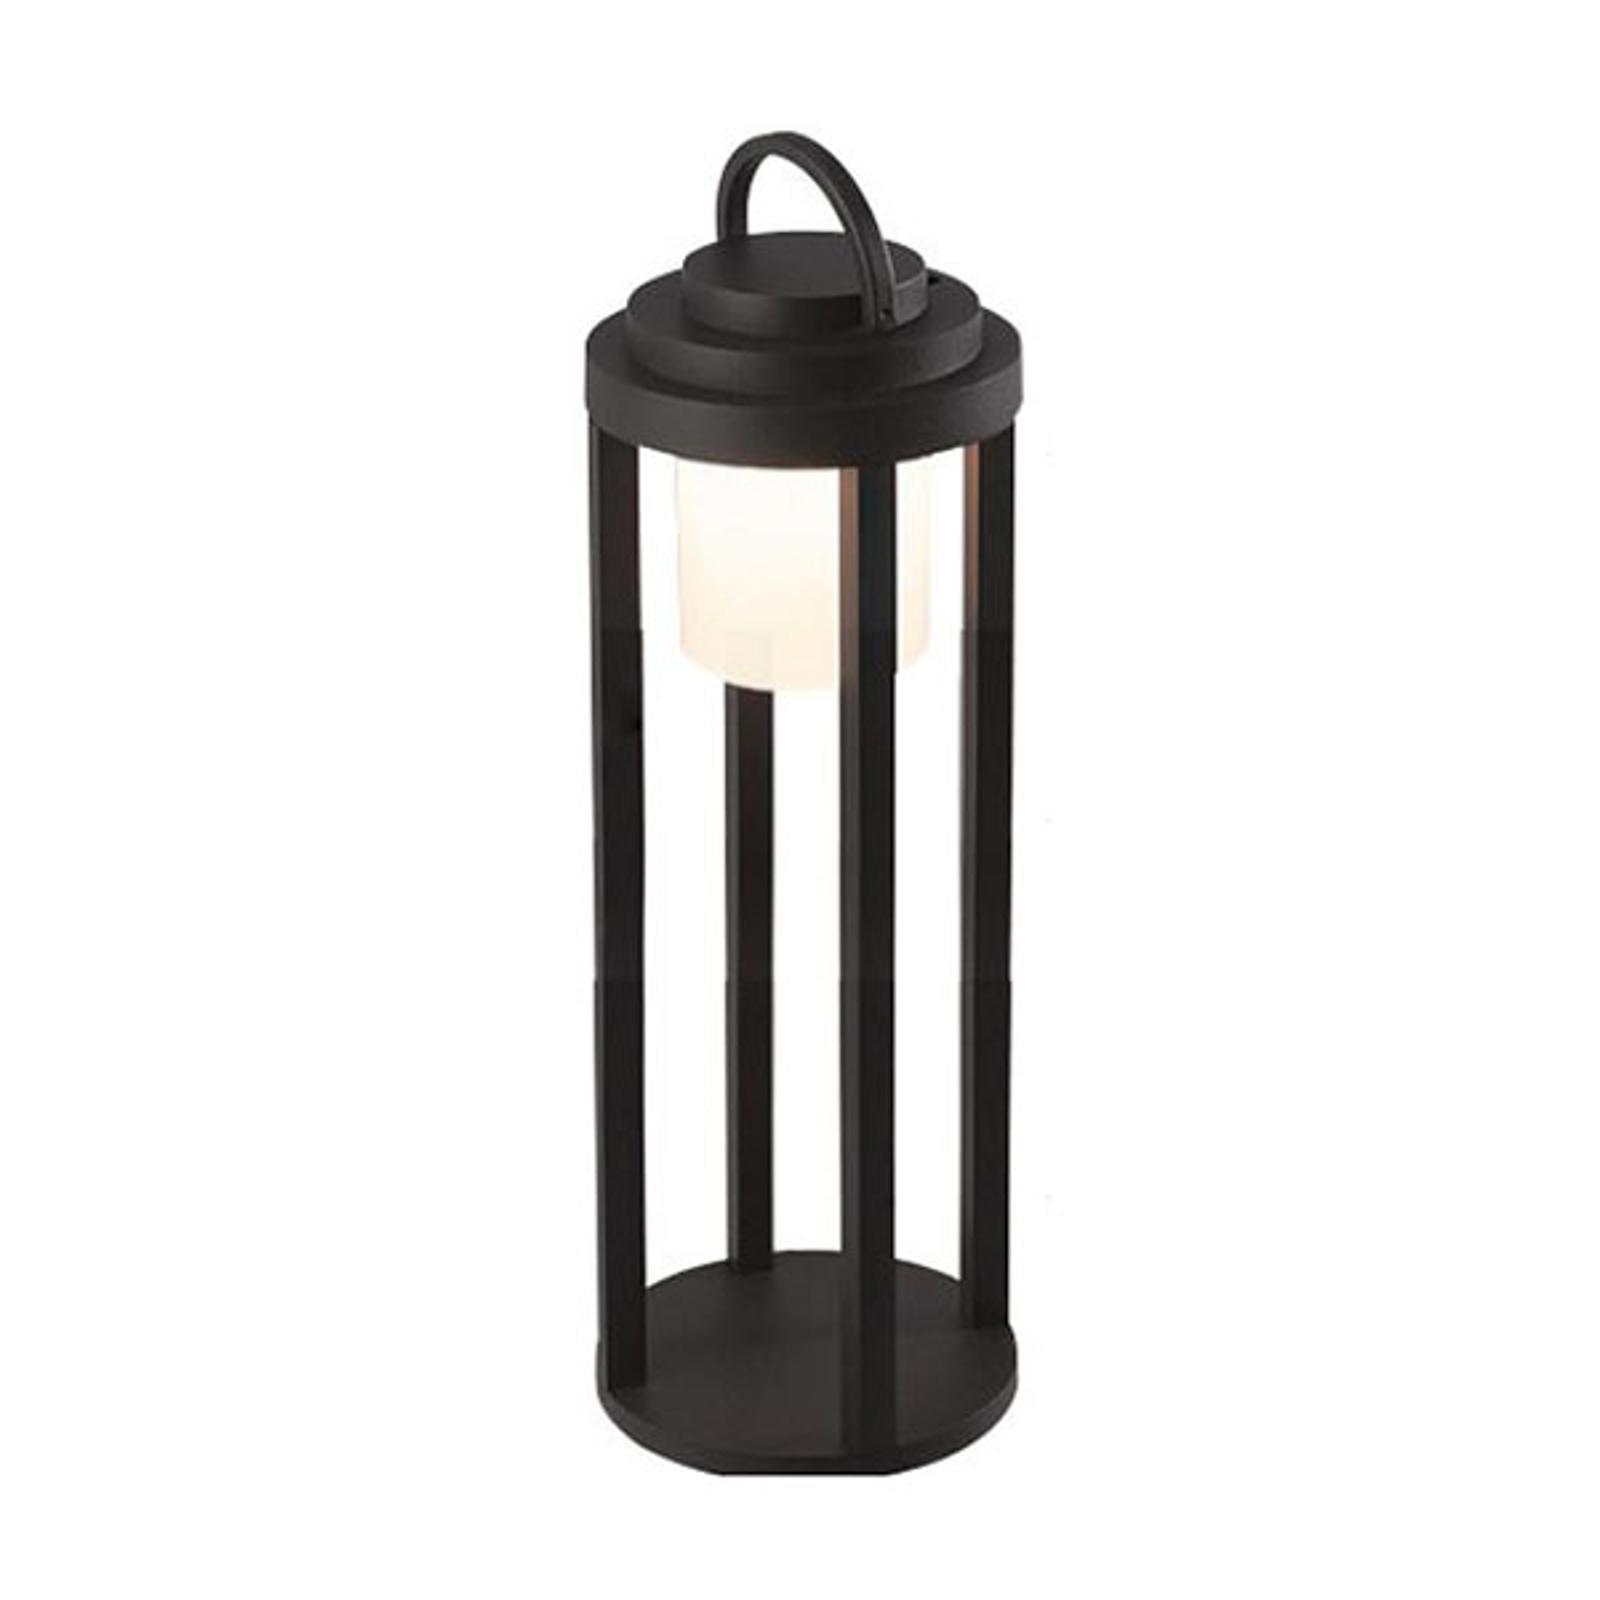 LED-batteri-utelampe Kalimnos, svart, 50 cm